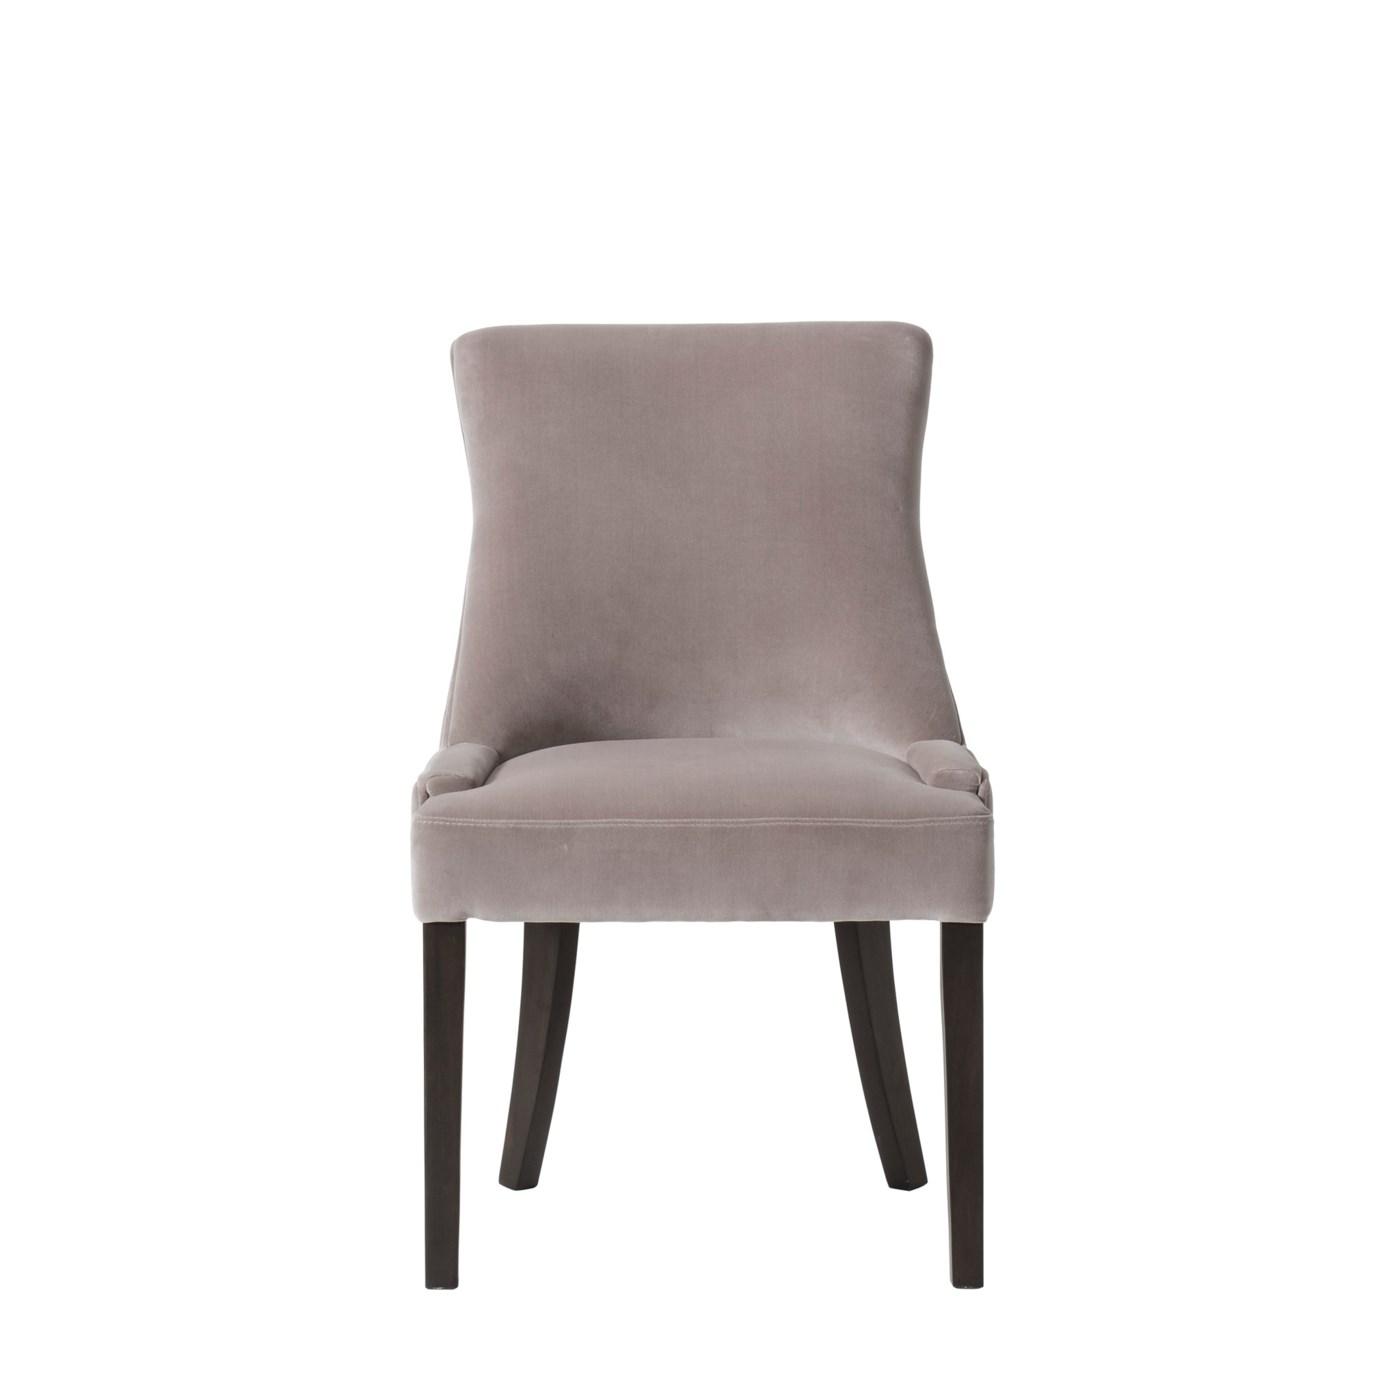 Dewbury Dining Chair - Dusty Pink